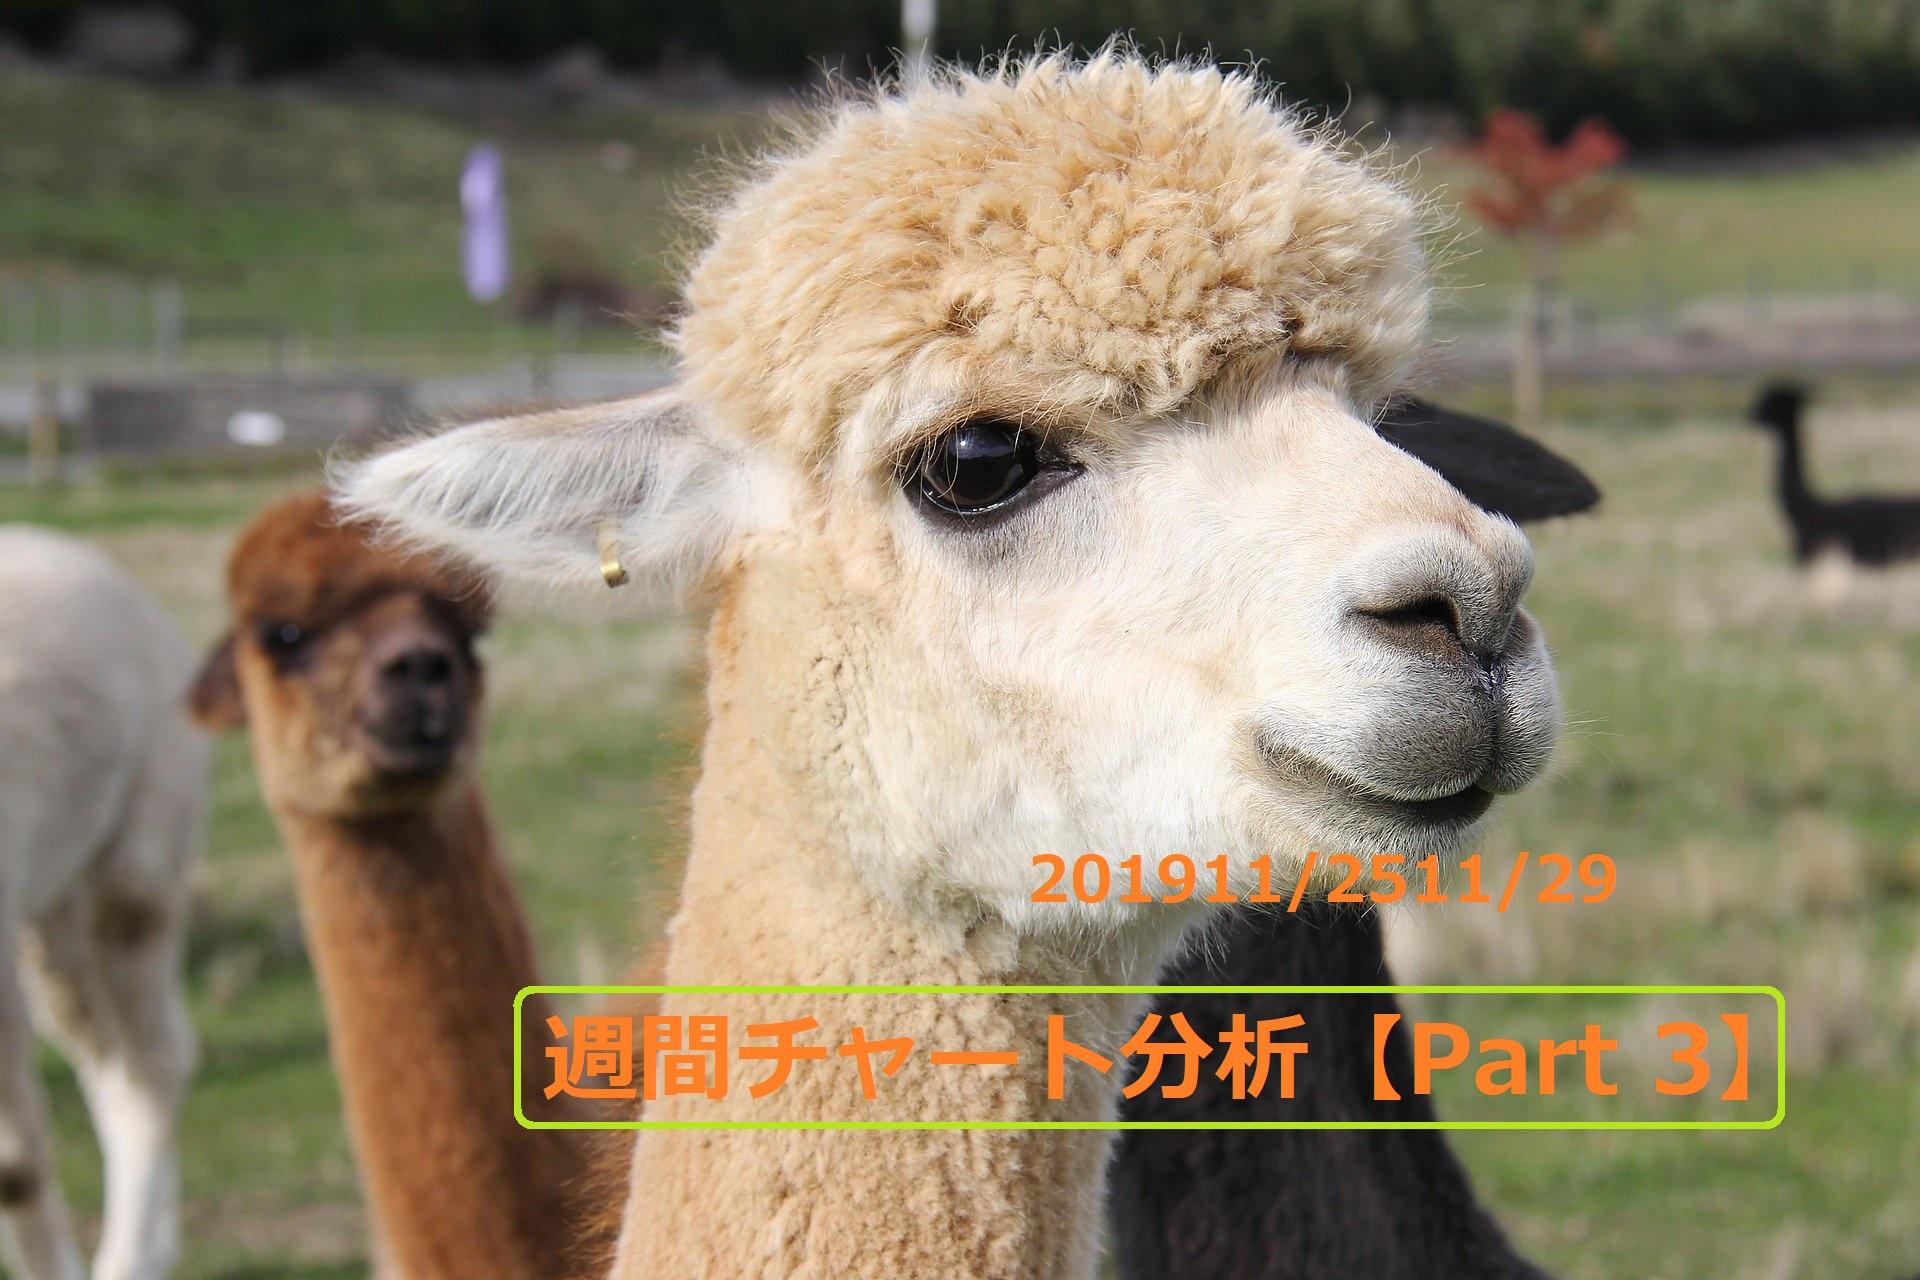 【FX】週間チャート分析【2019・11/25~11/29】【Part 3】